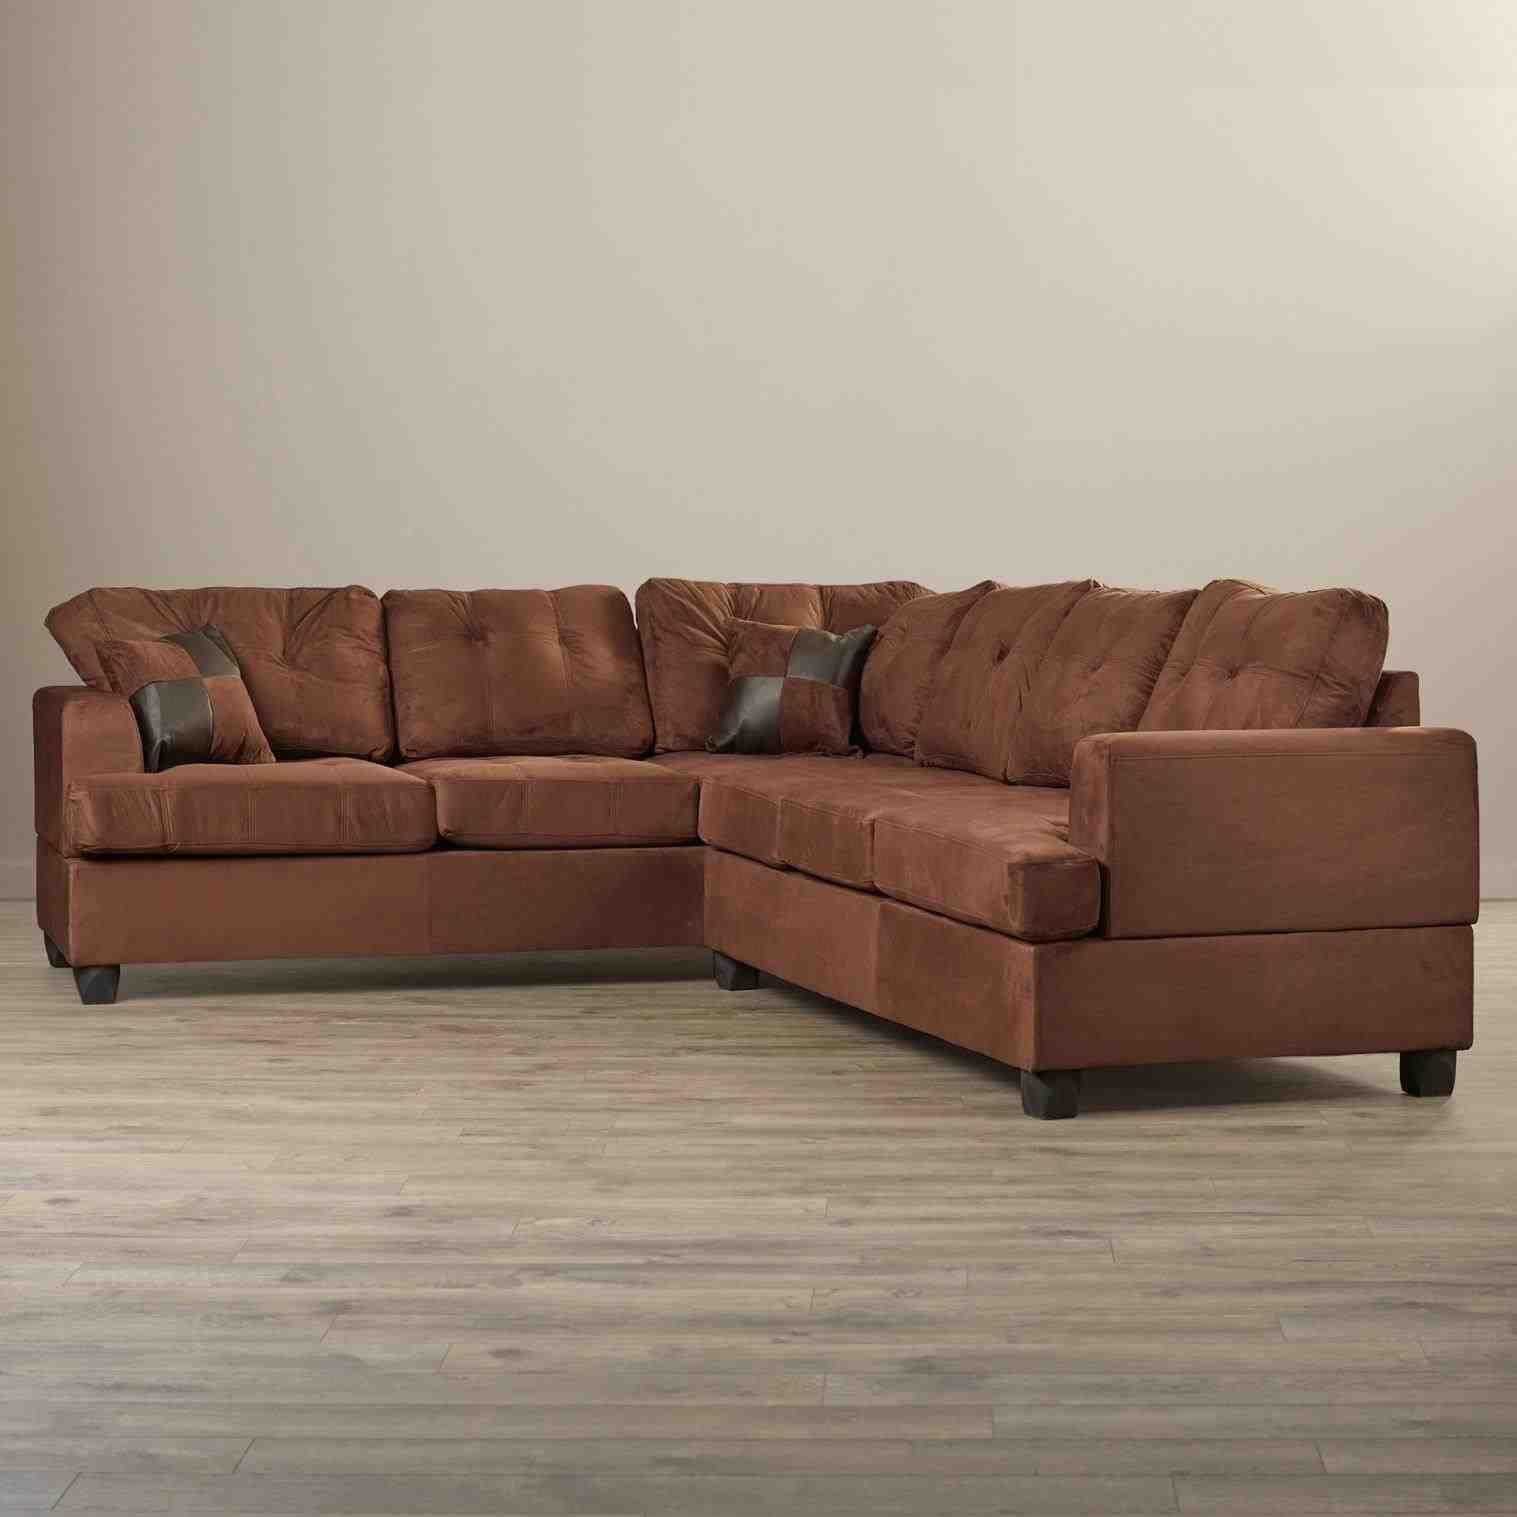 Cheap sofas full size of sofacheap sofas modern furniture sleeper sofas sleeper sofa